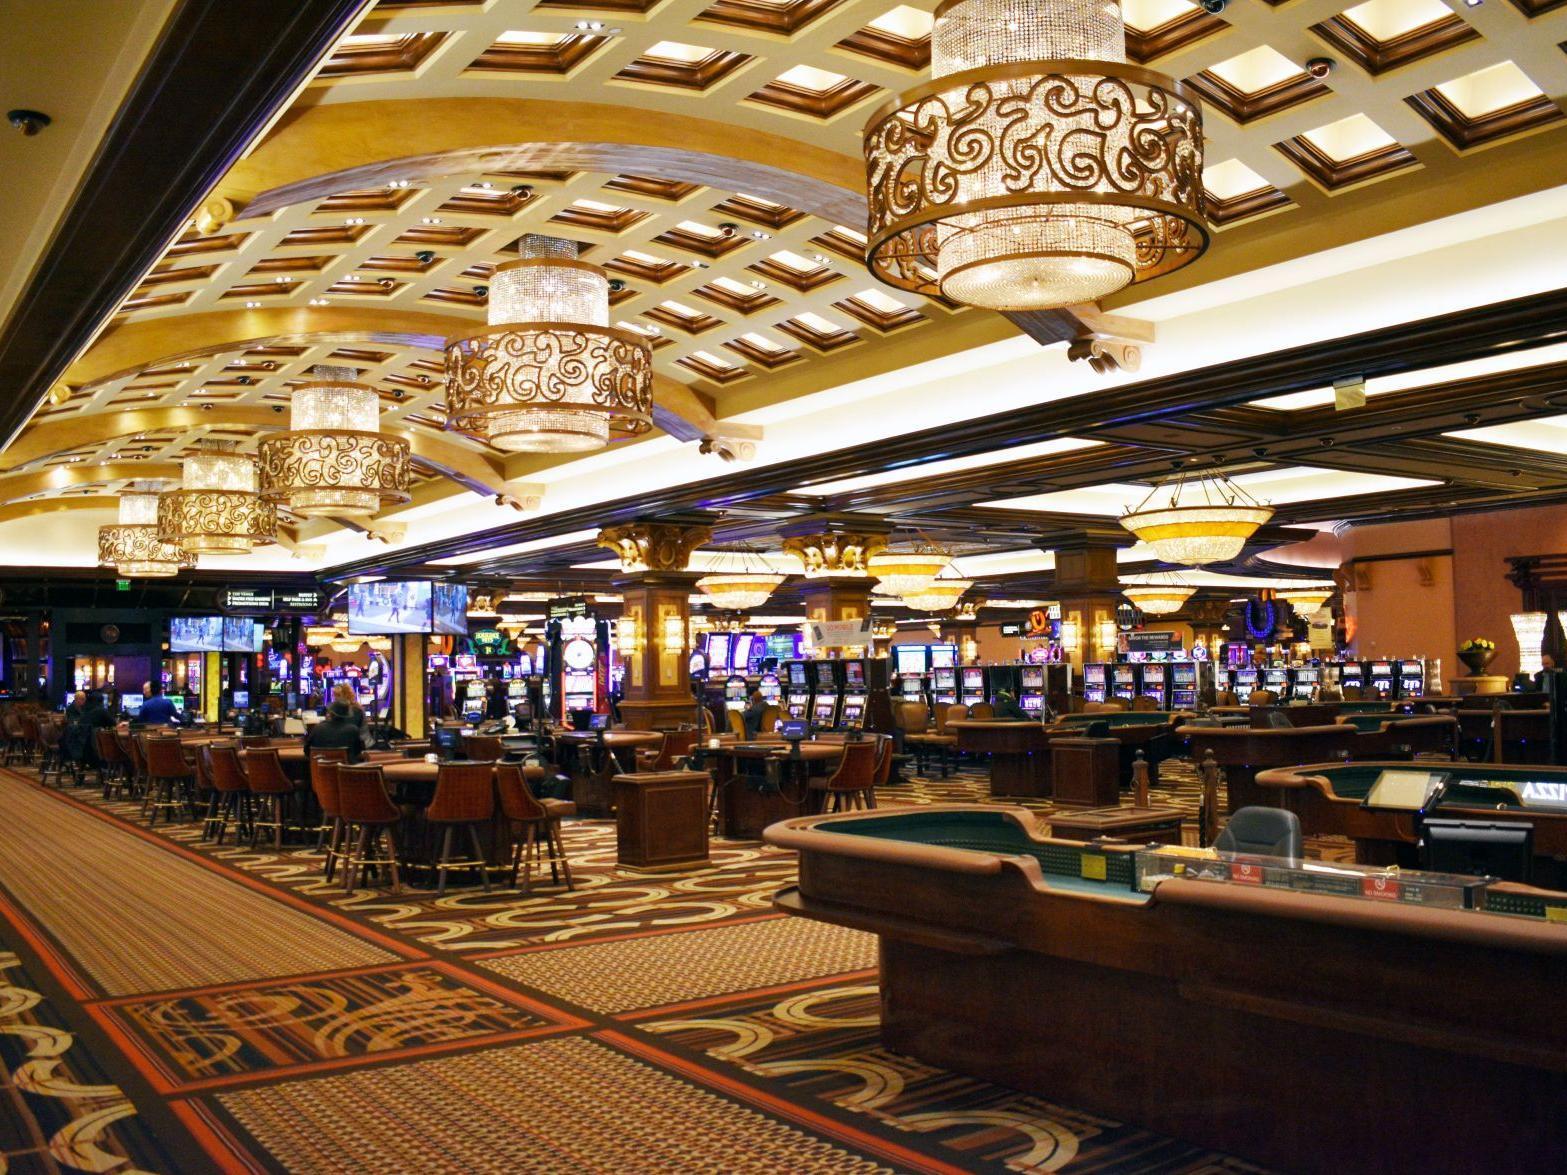 Horseshoe casino indiana shuttle schedule casino cherry picker accident